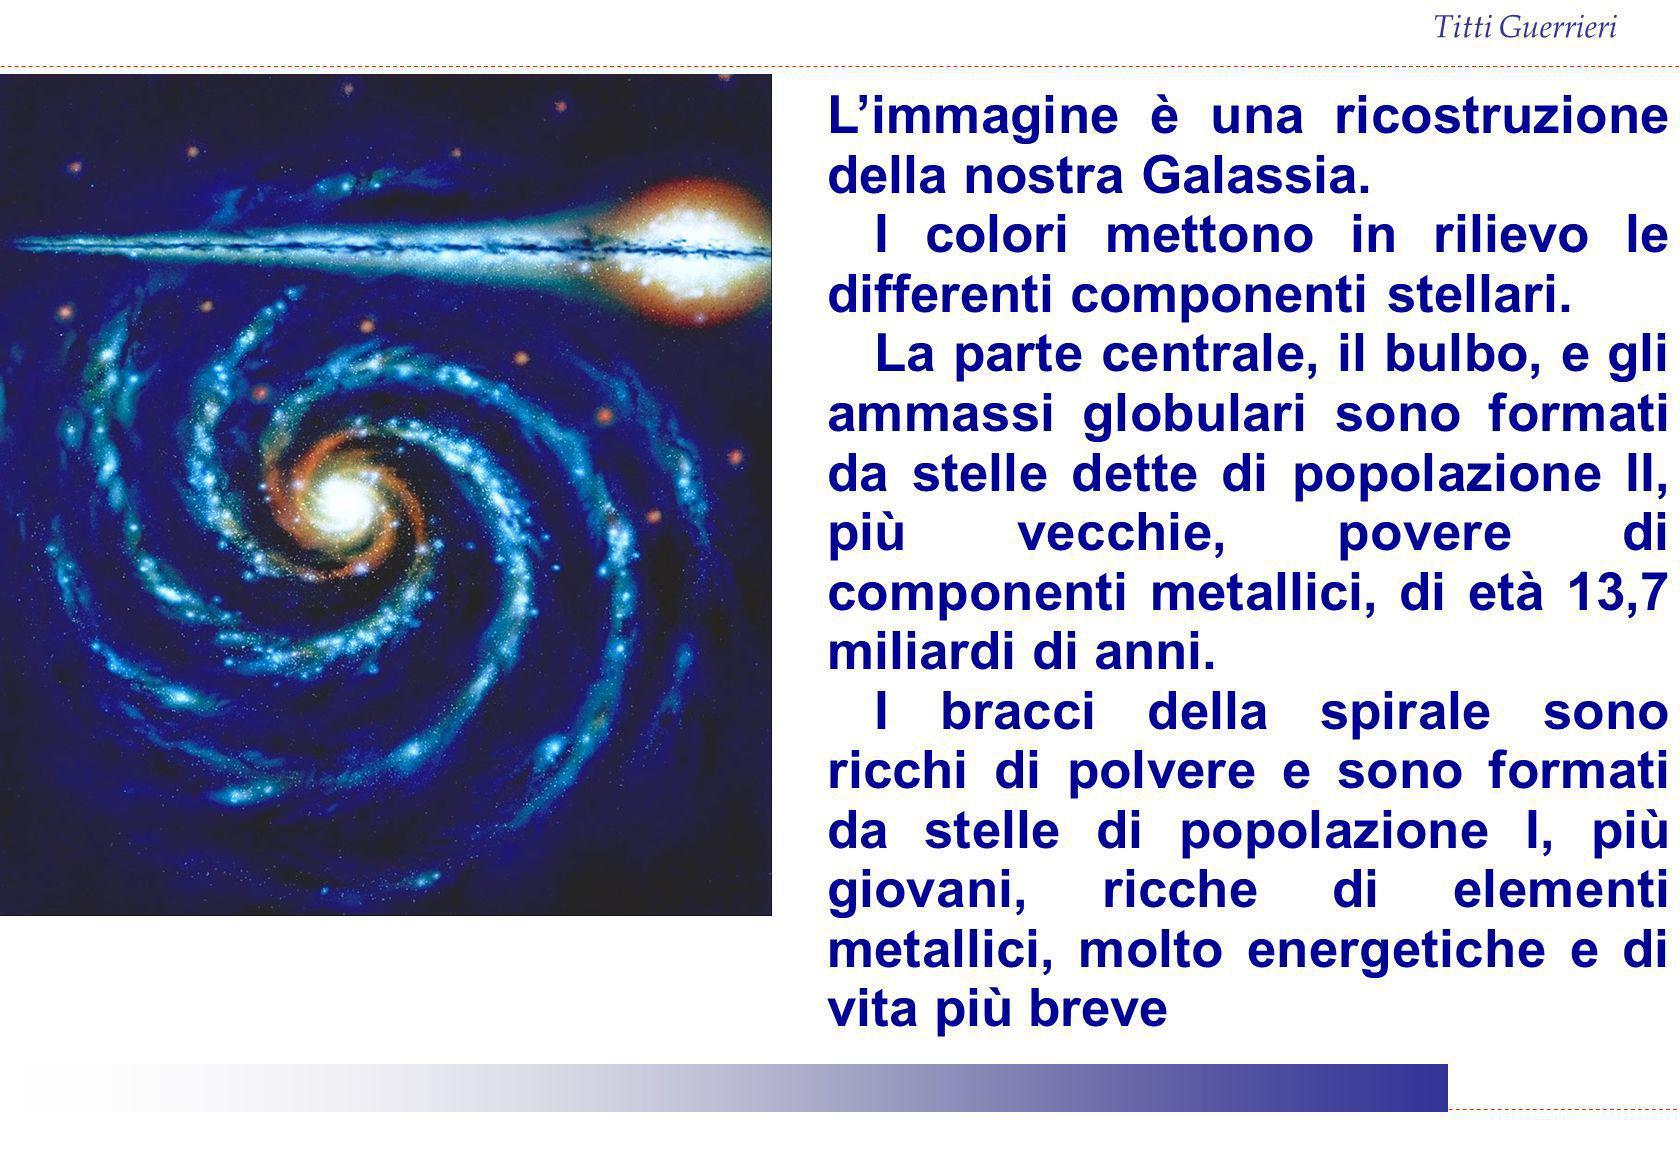 Titti Guerrieri Limmagine è una ricostruzione della nostra Galassia. I colori mettono in rilievo le differenti componenti stellari. La parte centrale,